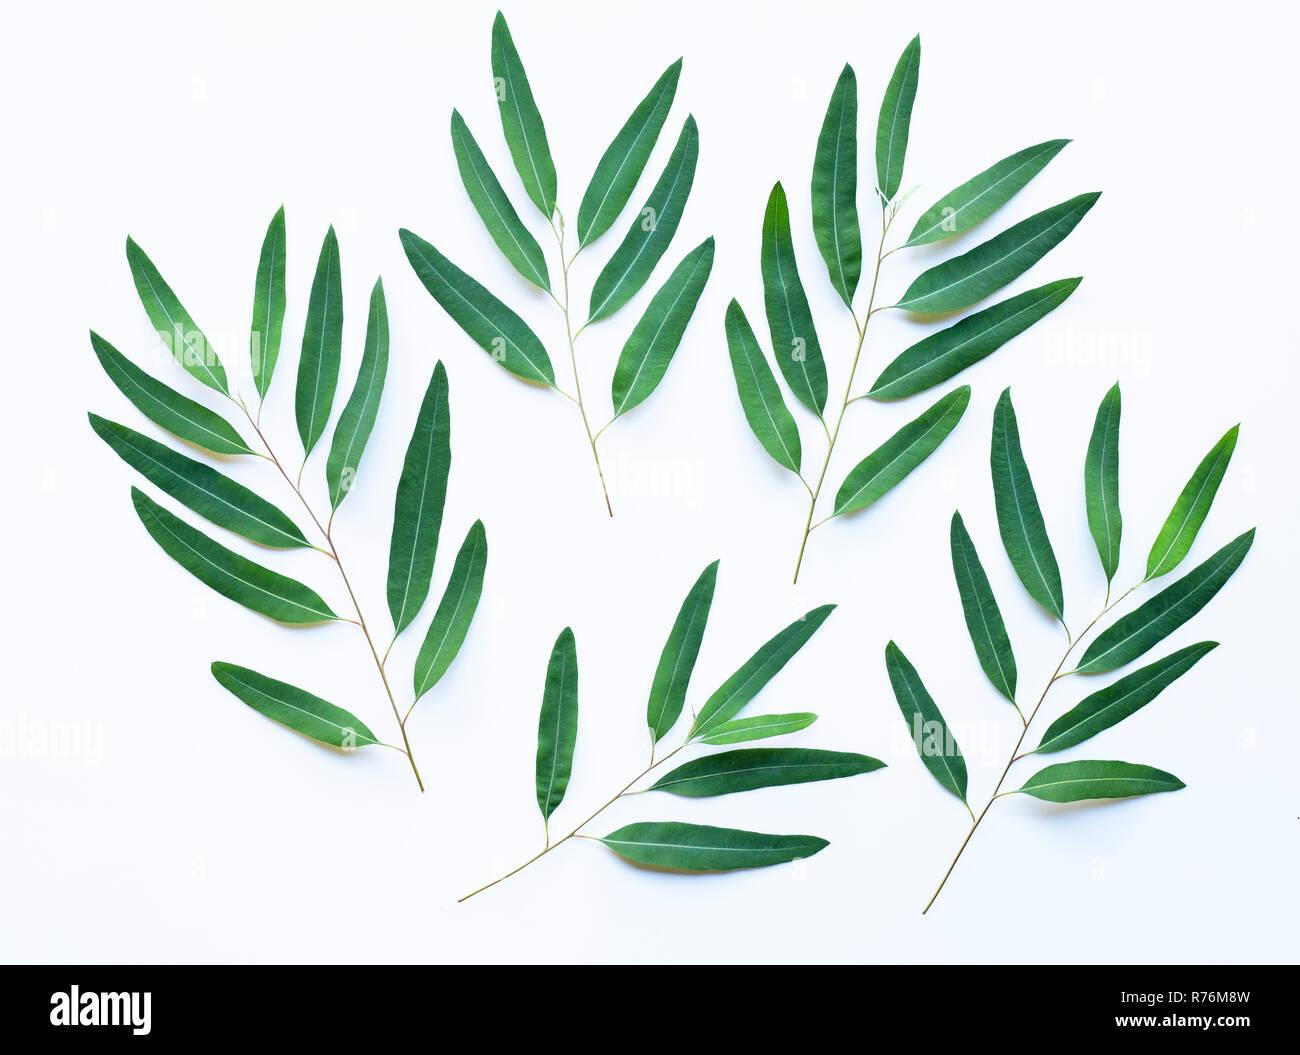 branches d'eucalyptus sur fond blanc banque d'images, photo stock